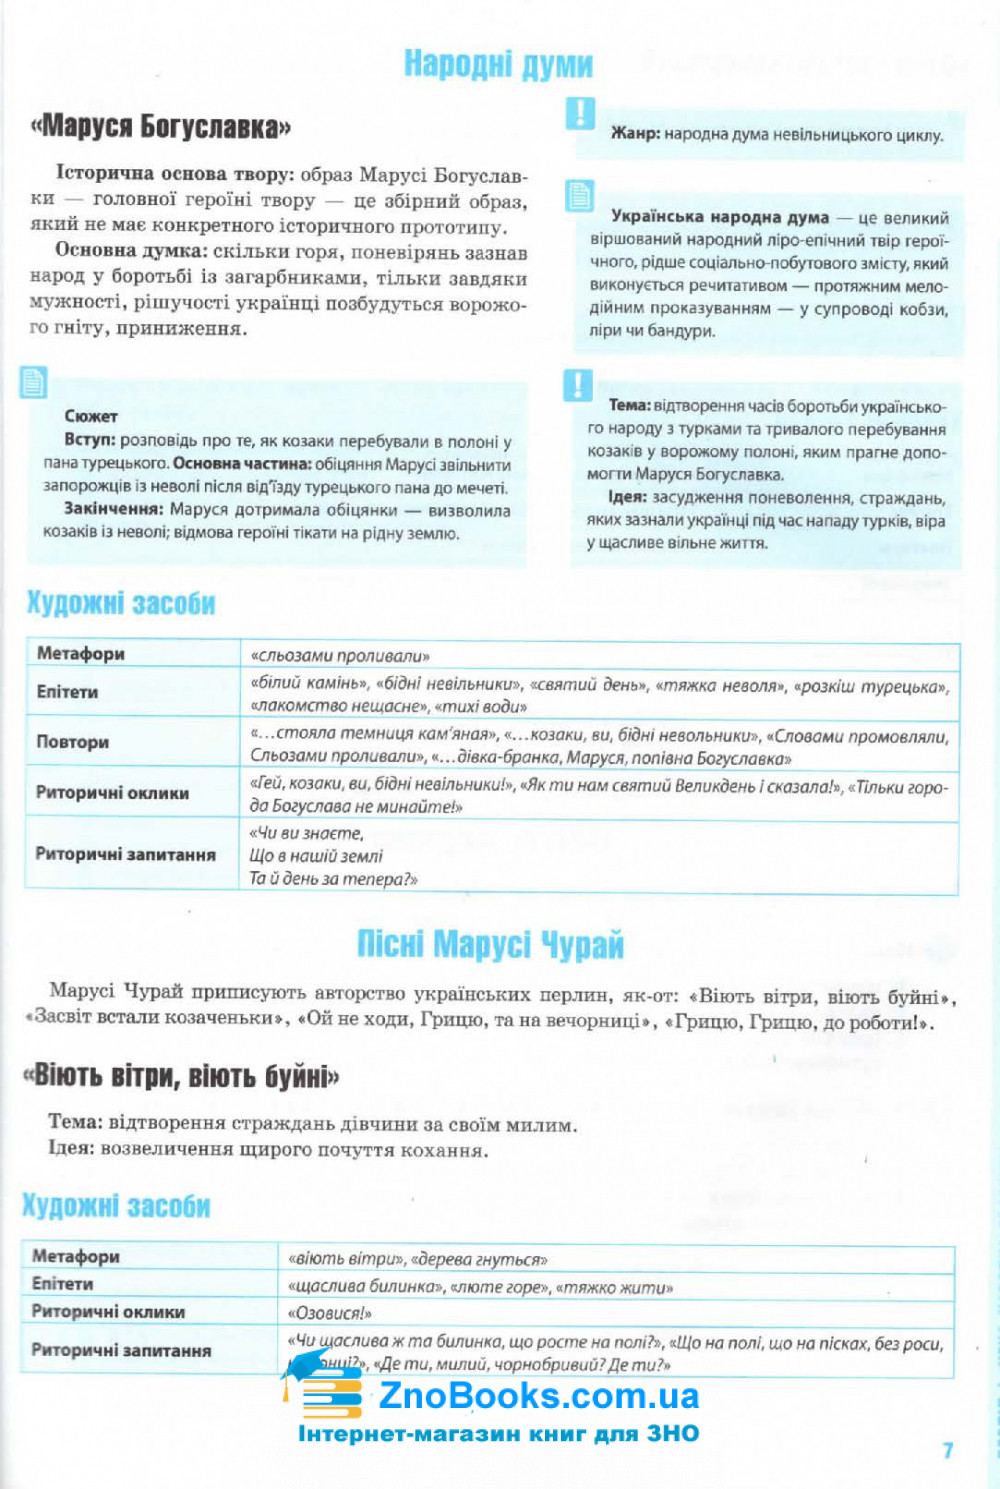 ЗНО 2022 Комплексне видання Українська література : Олексієнко Л. Освіта купити 7